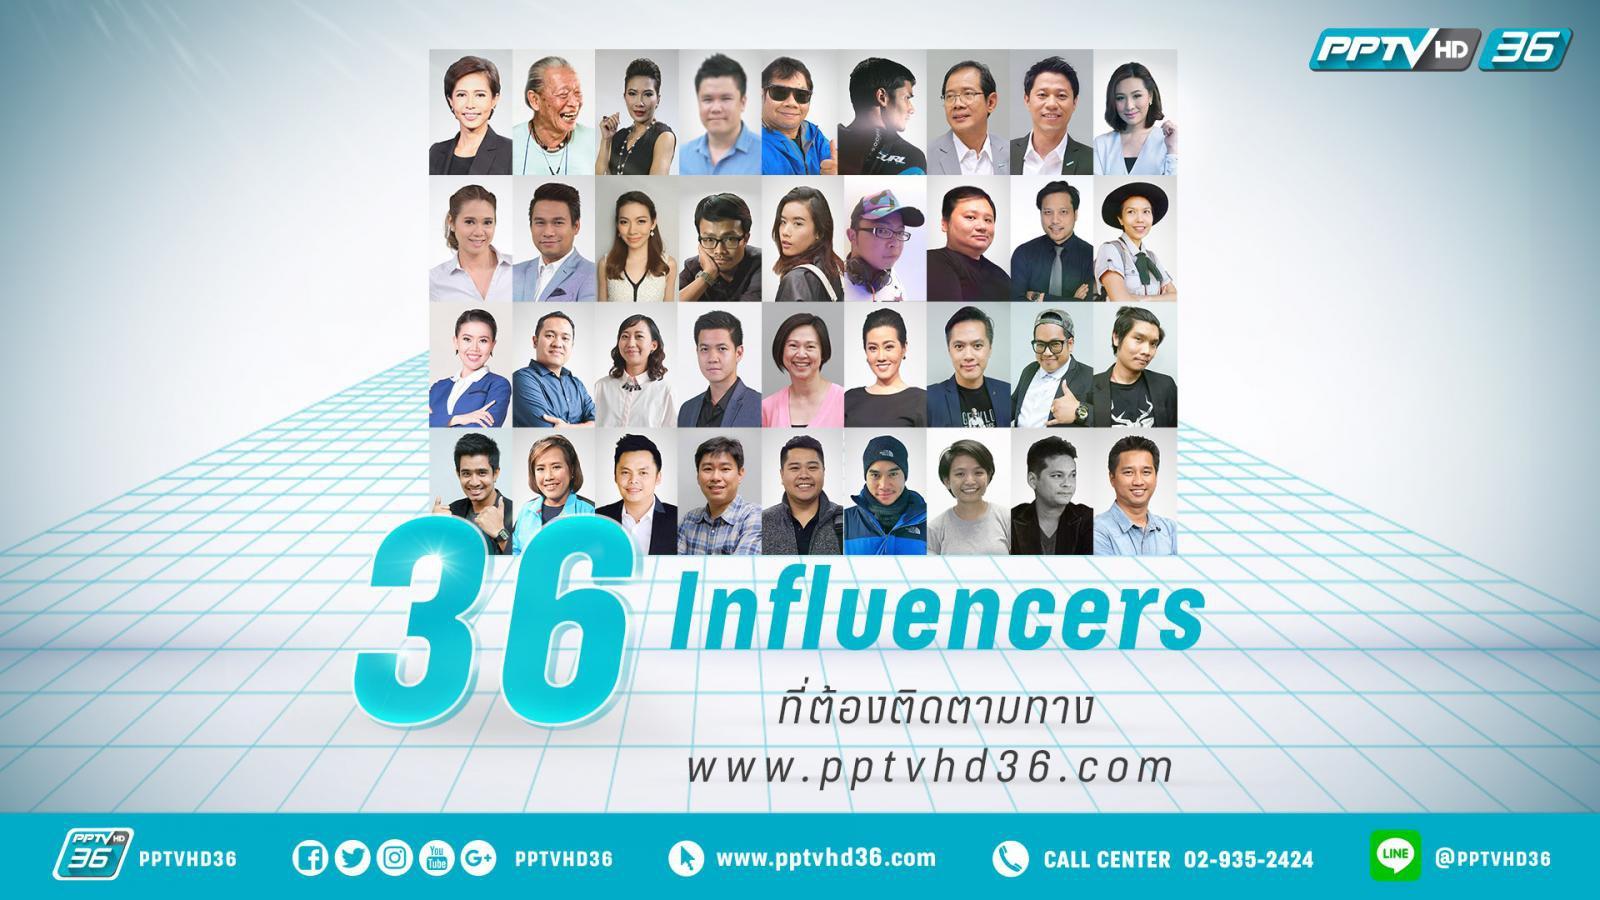 เปิดประเด็นฮอตต้อนรับเดือนมิถุนายนกับ 36 Influencers ที่คุณต้องติดตาม